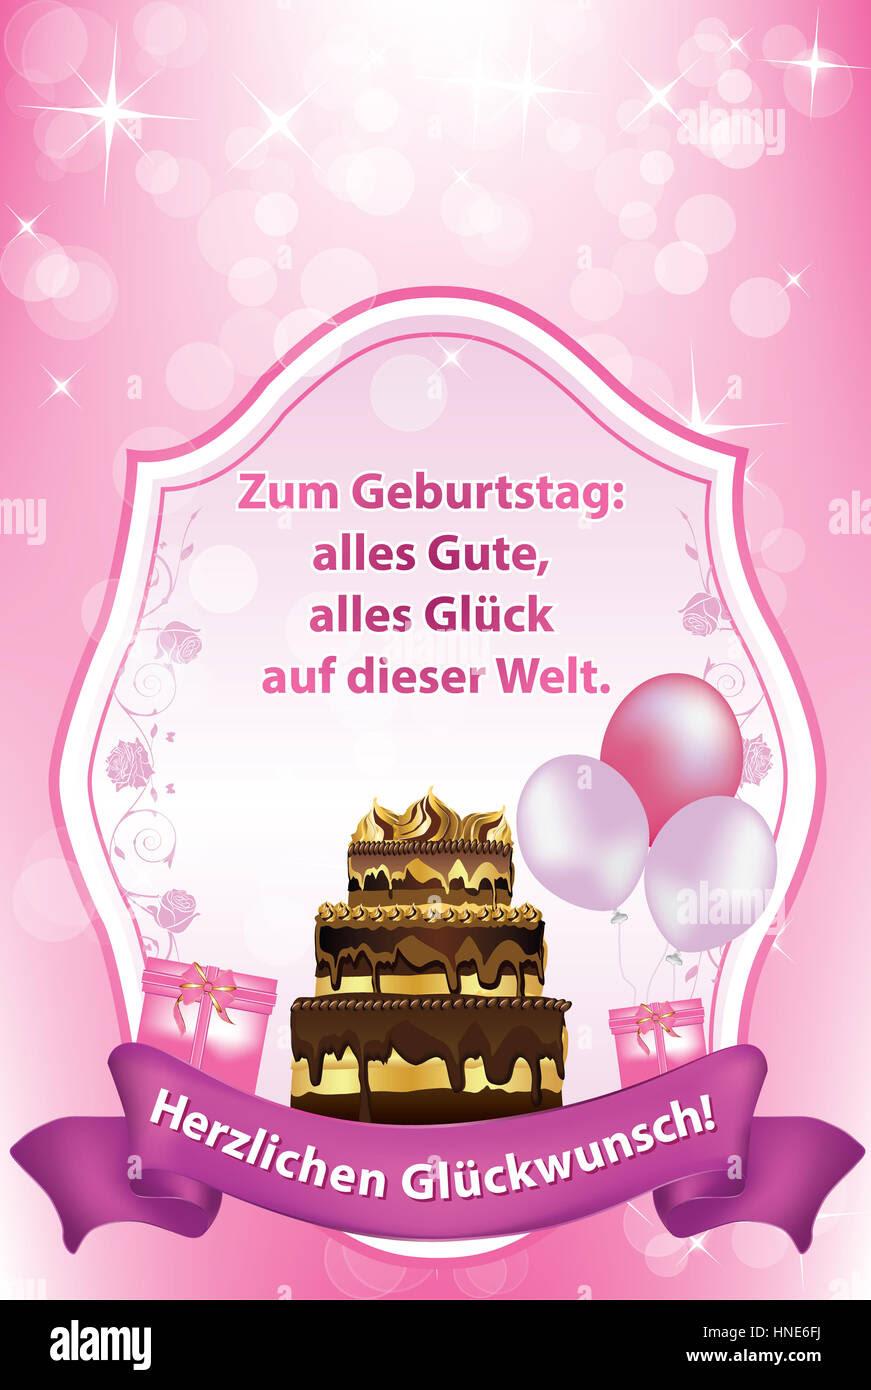 Glück Wünschen Zum Geburtstag